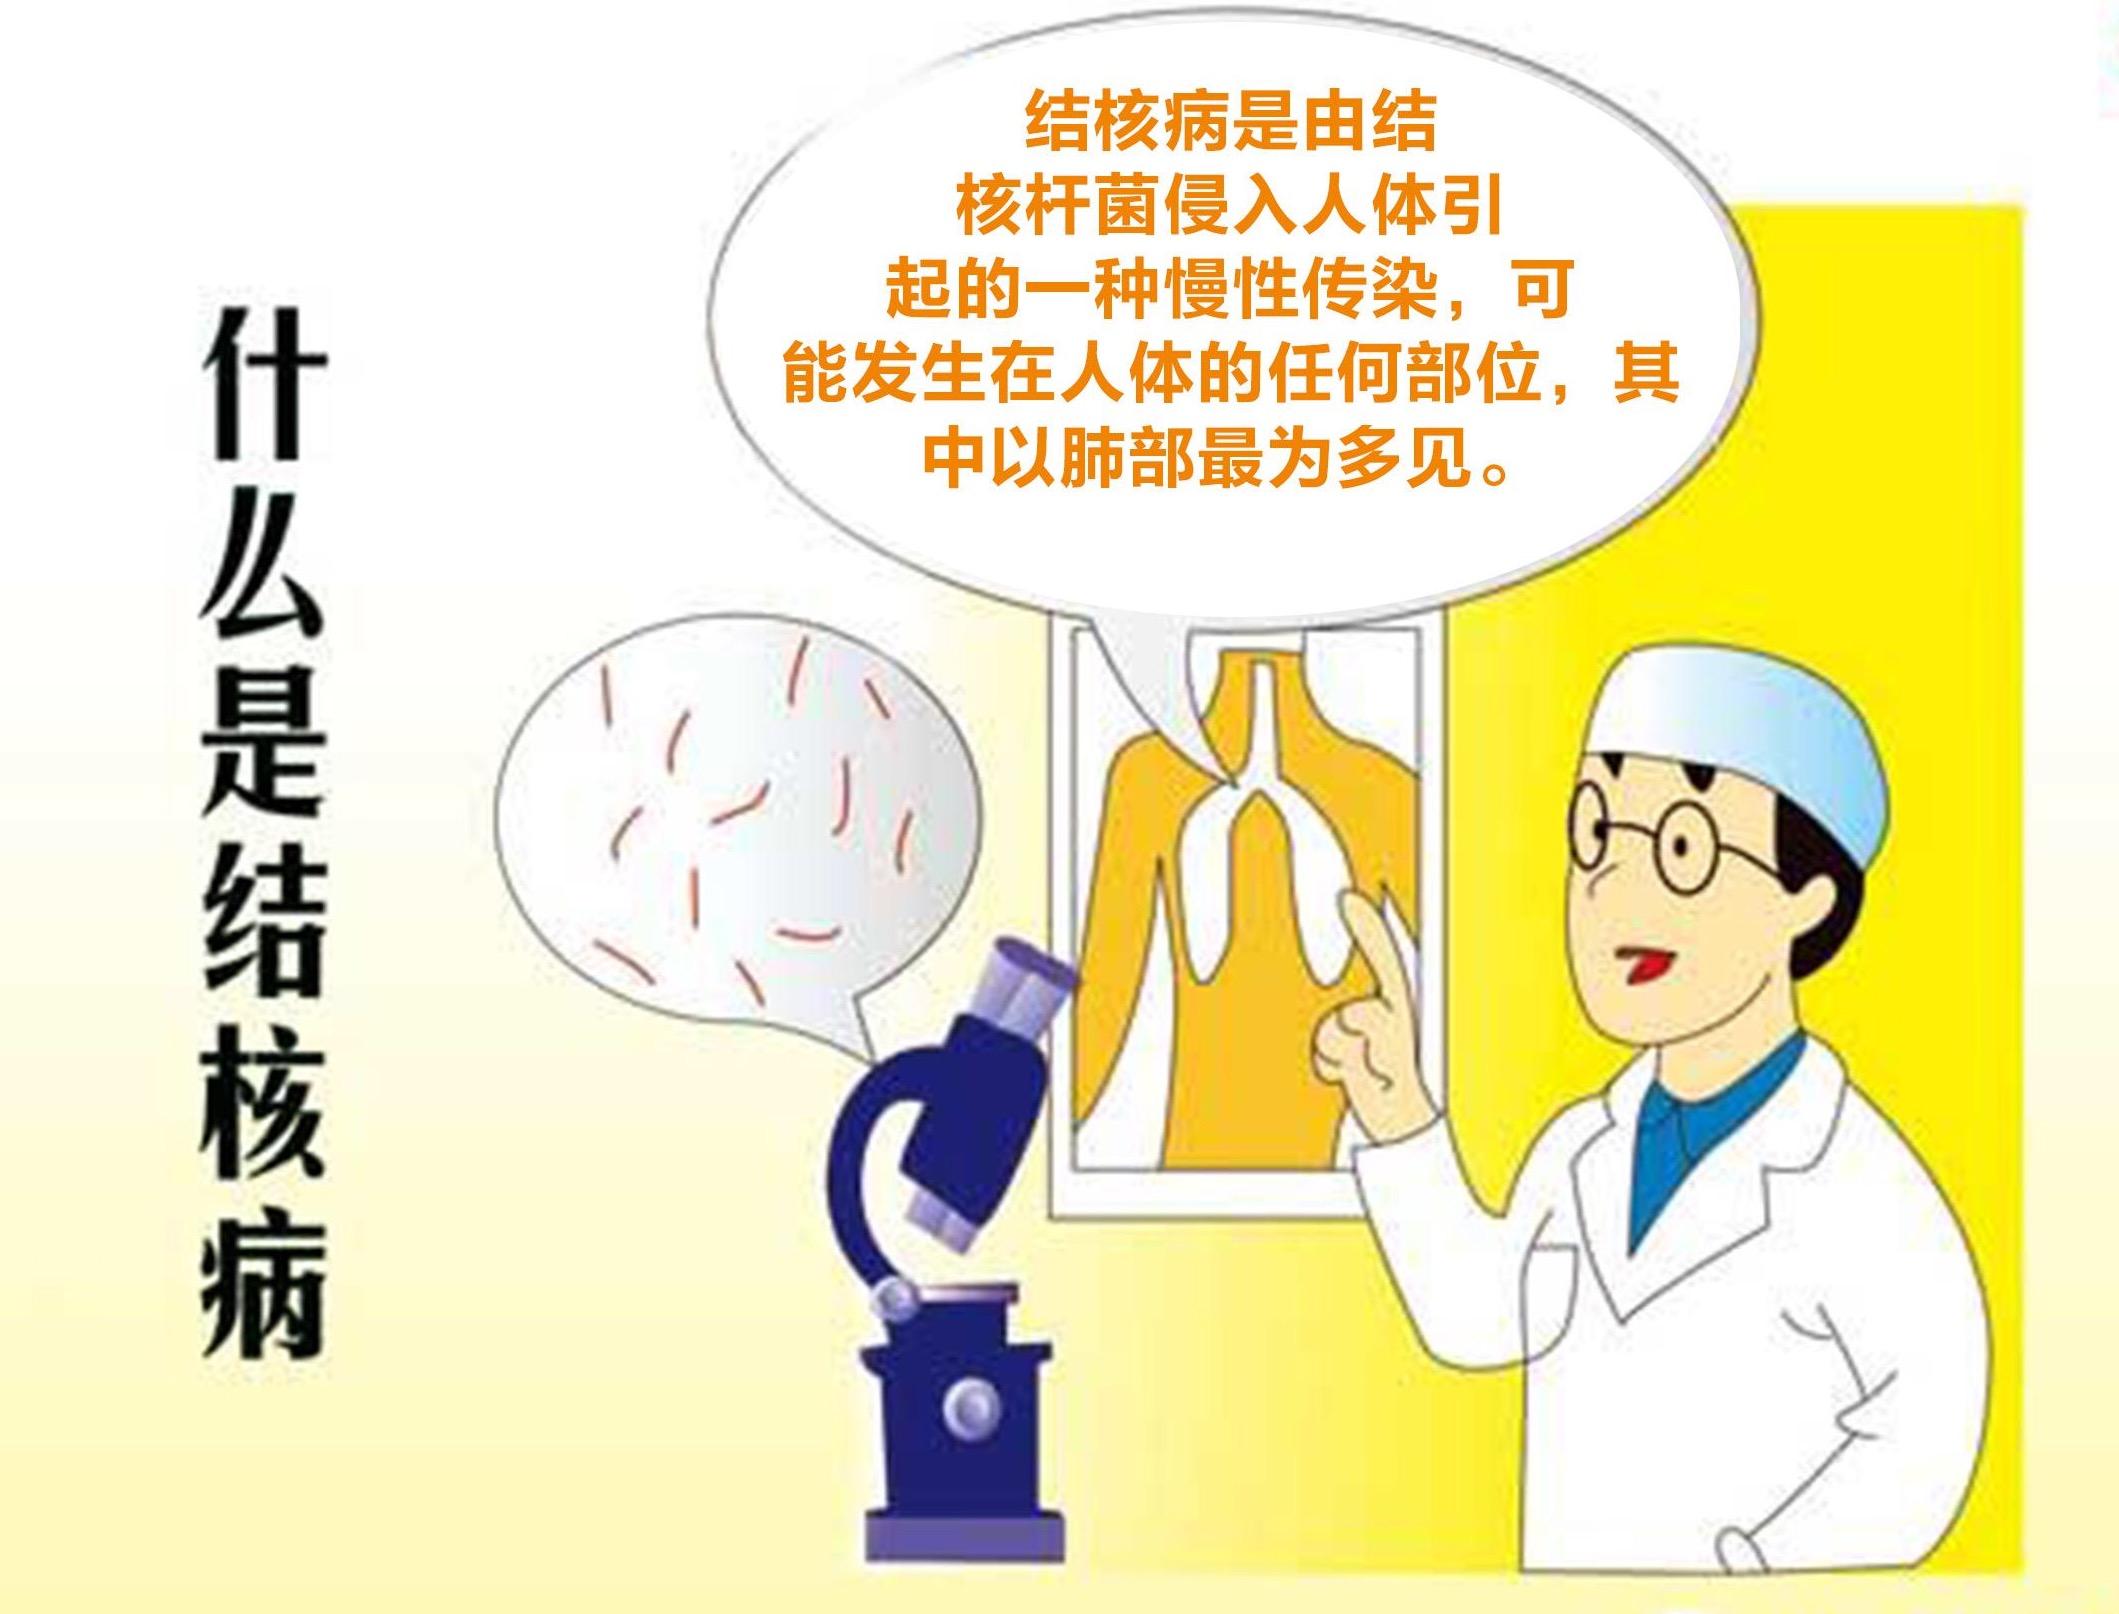 肺结核会不会传�_为什么肺结核至今仍然是全球死亡人数最多的单一传染病?